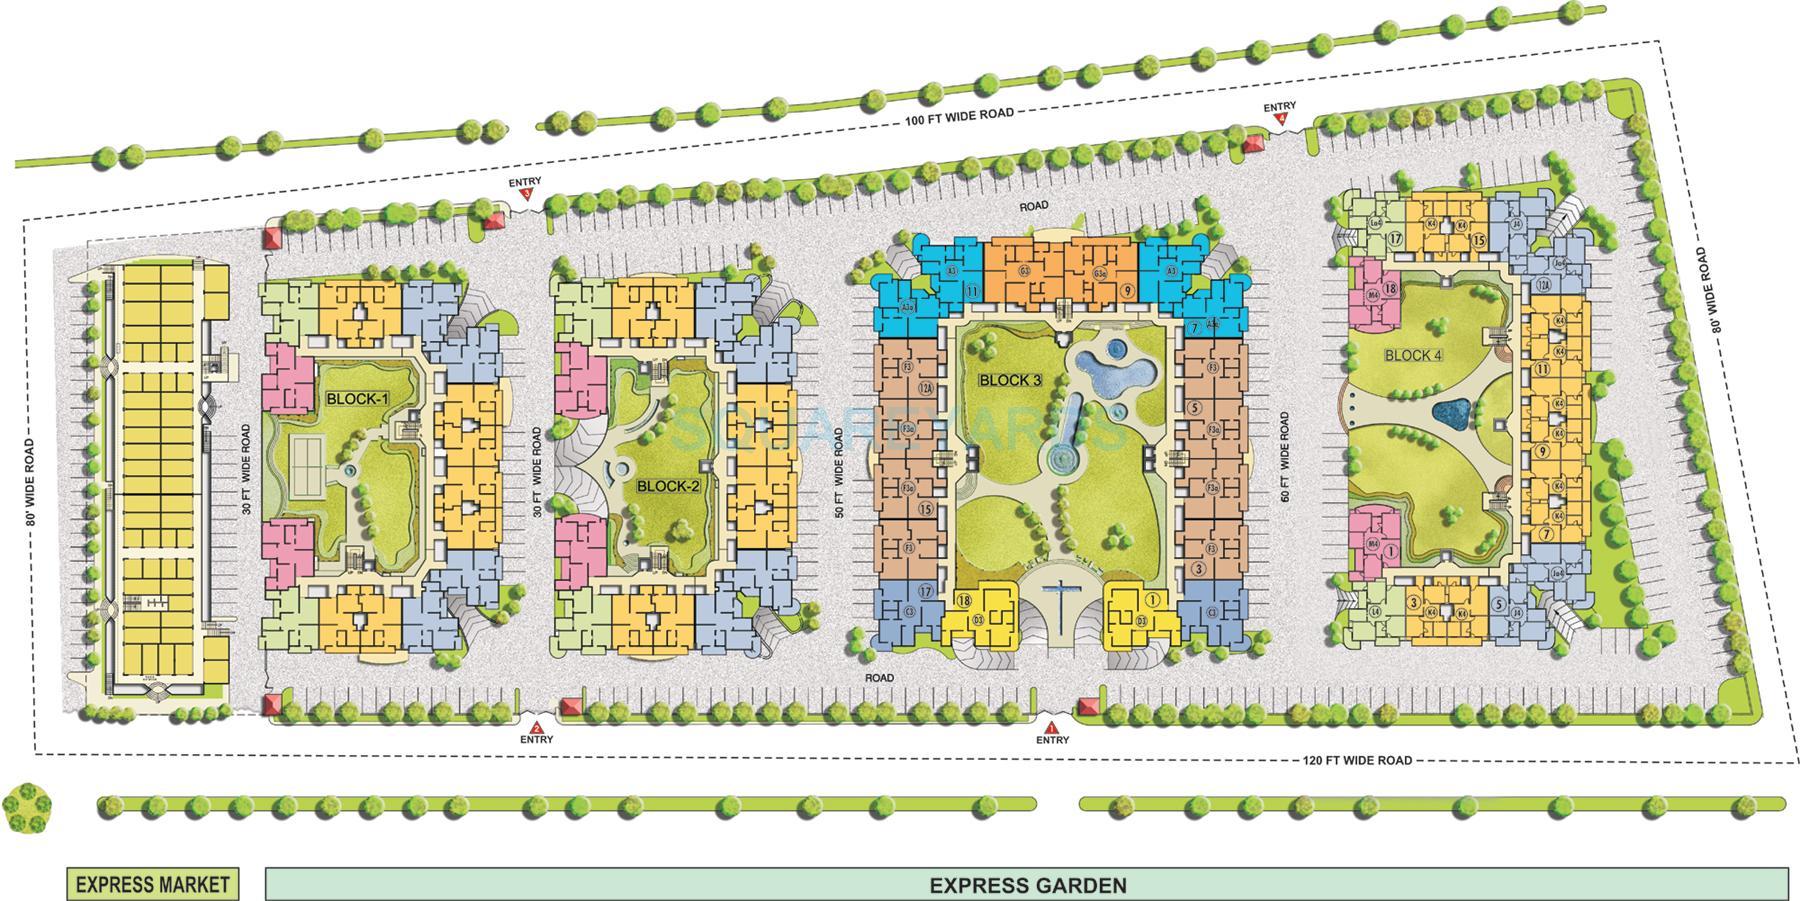 express garden master plan image1